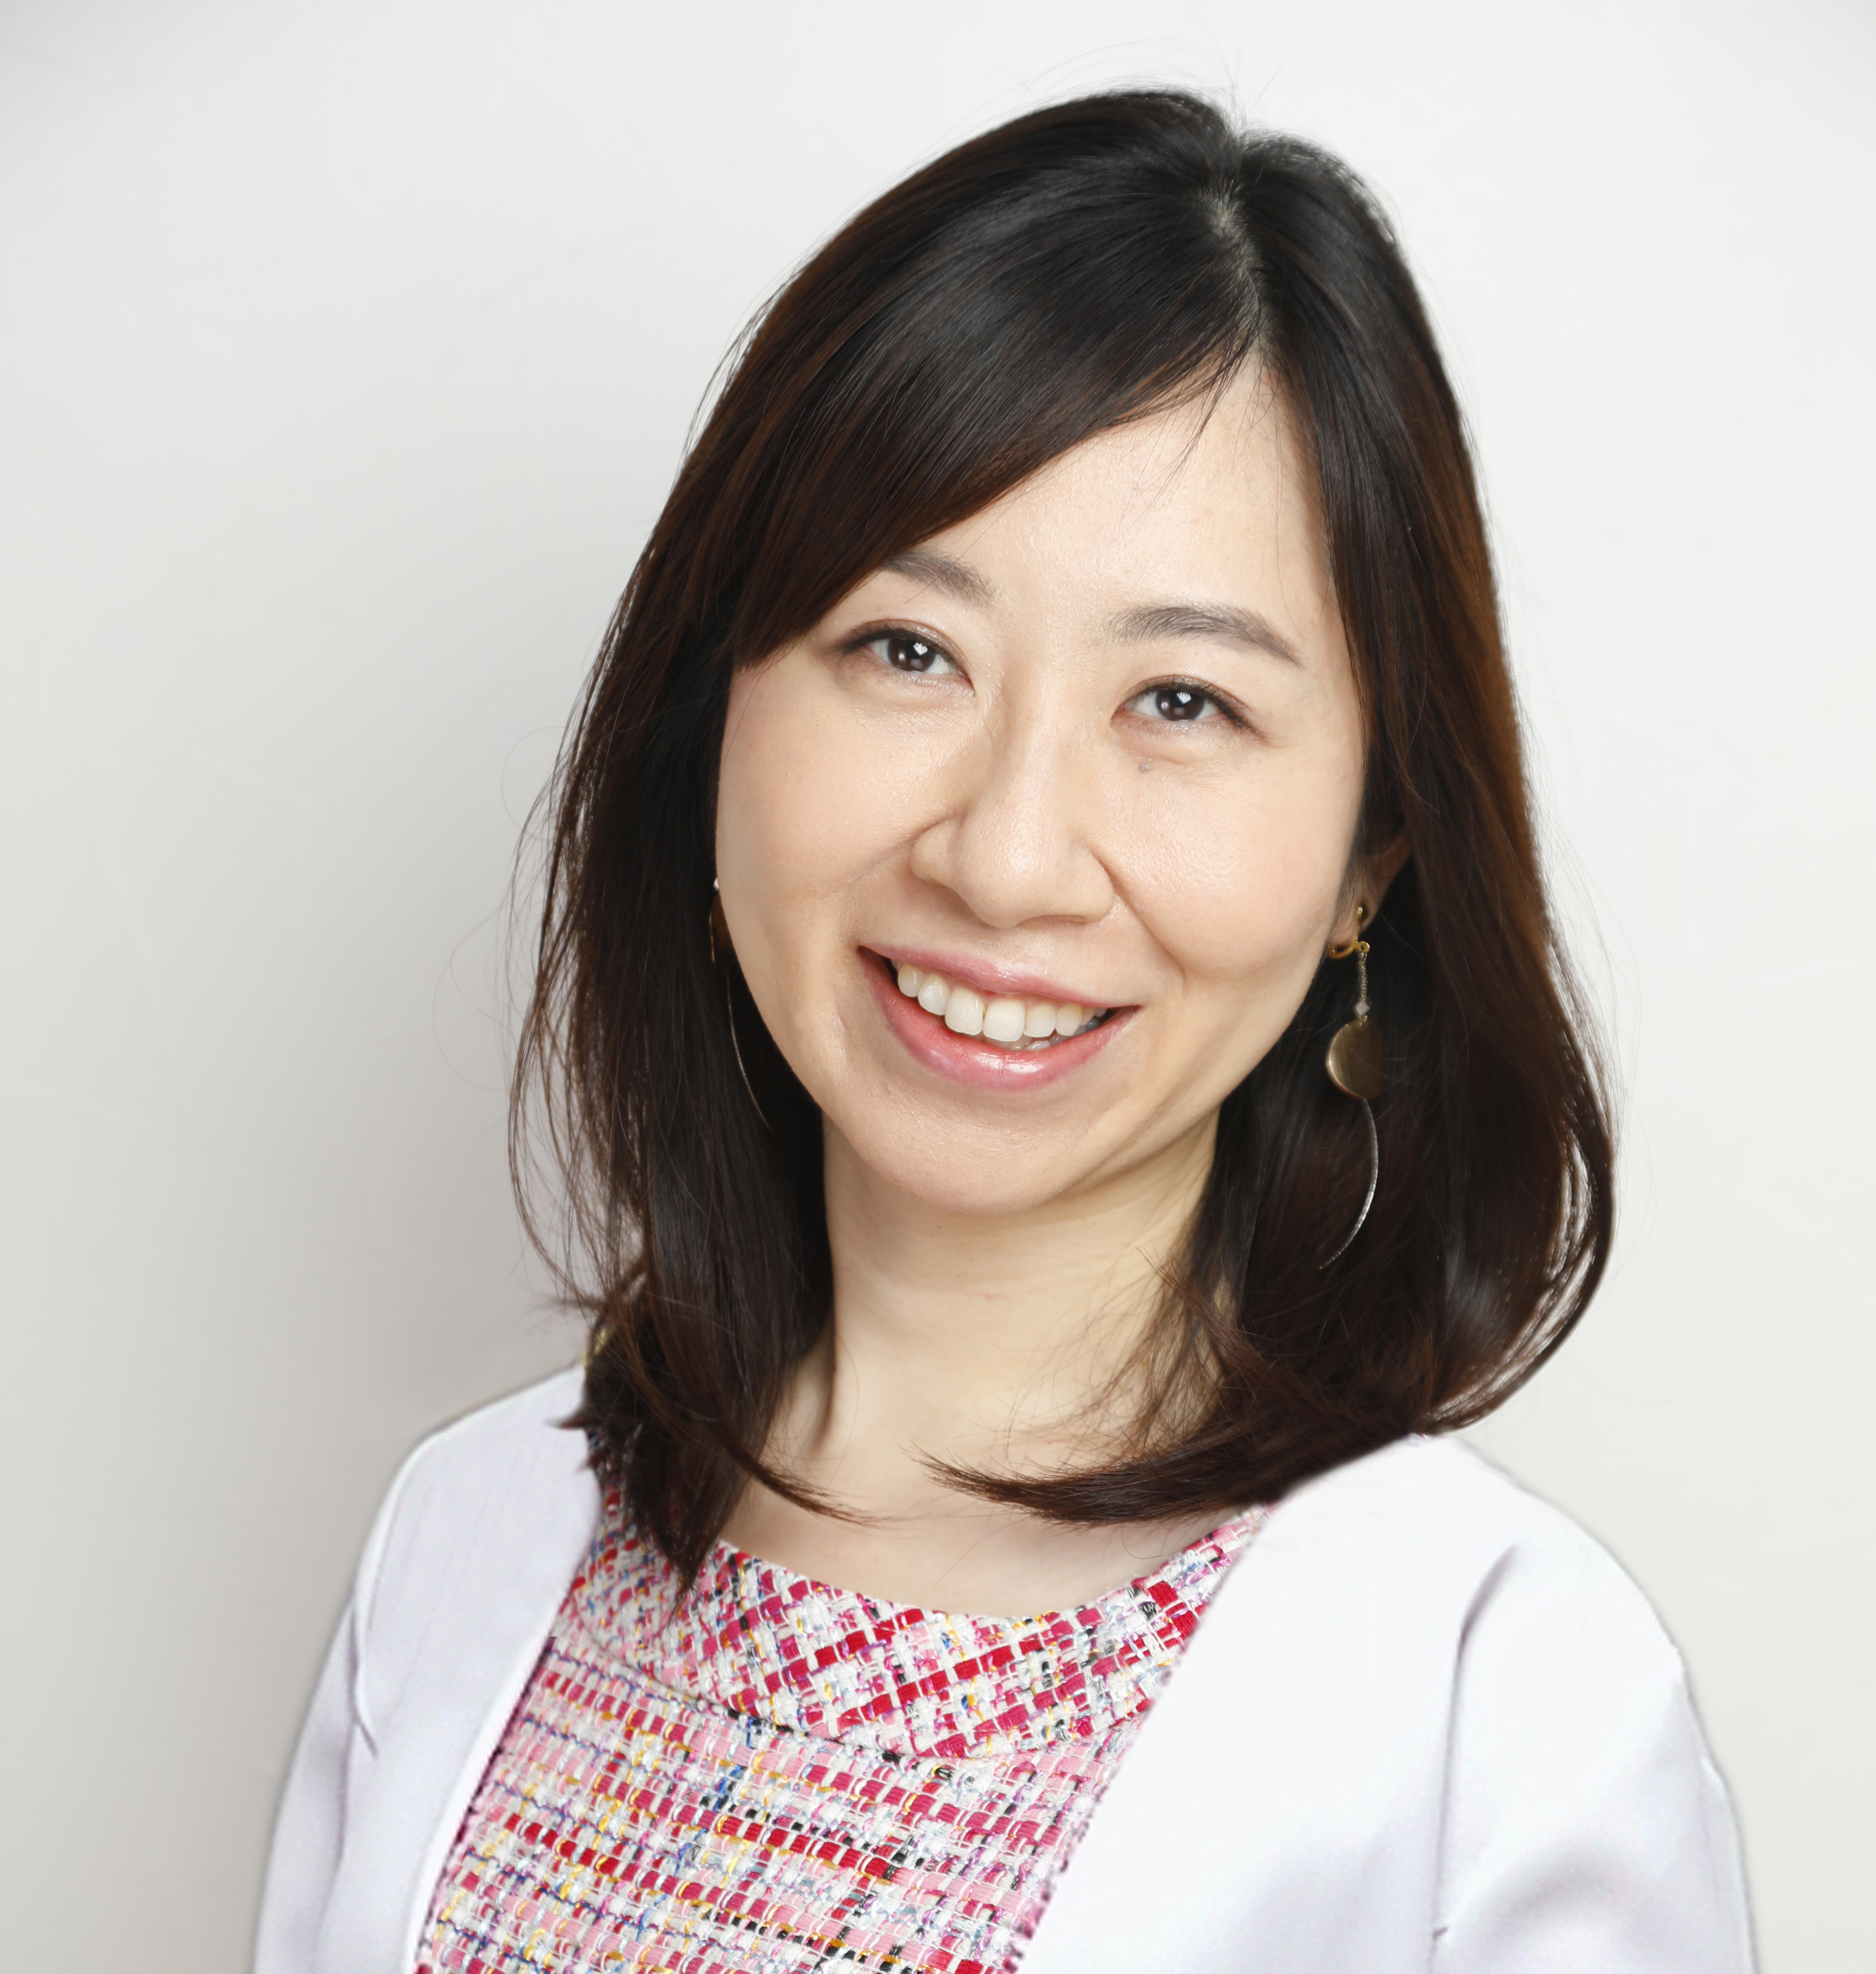 心理カウンセラー・コーチ 吉田佳奈